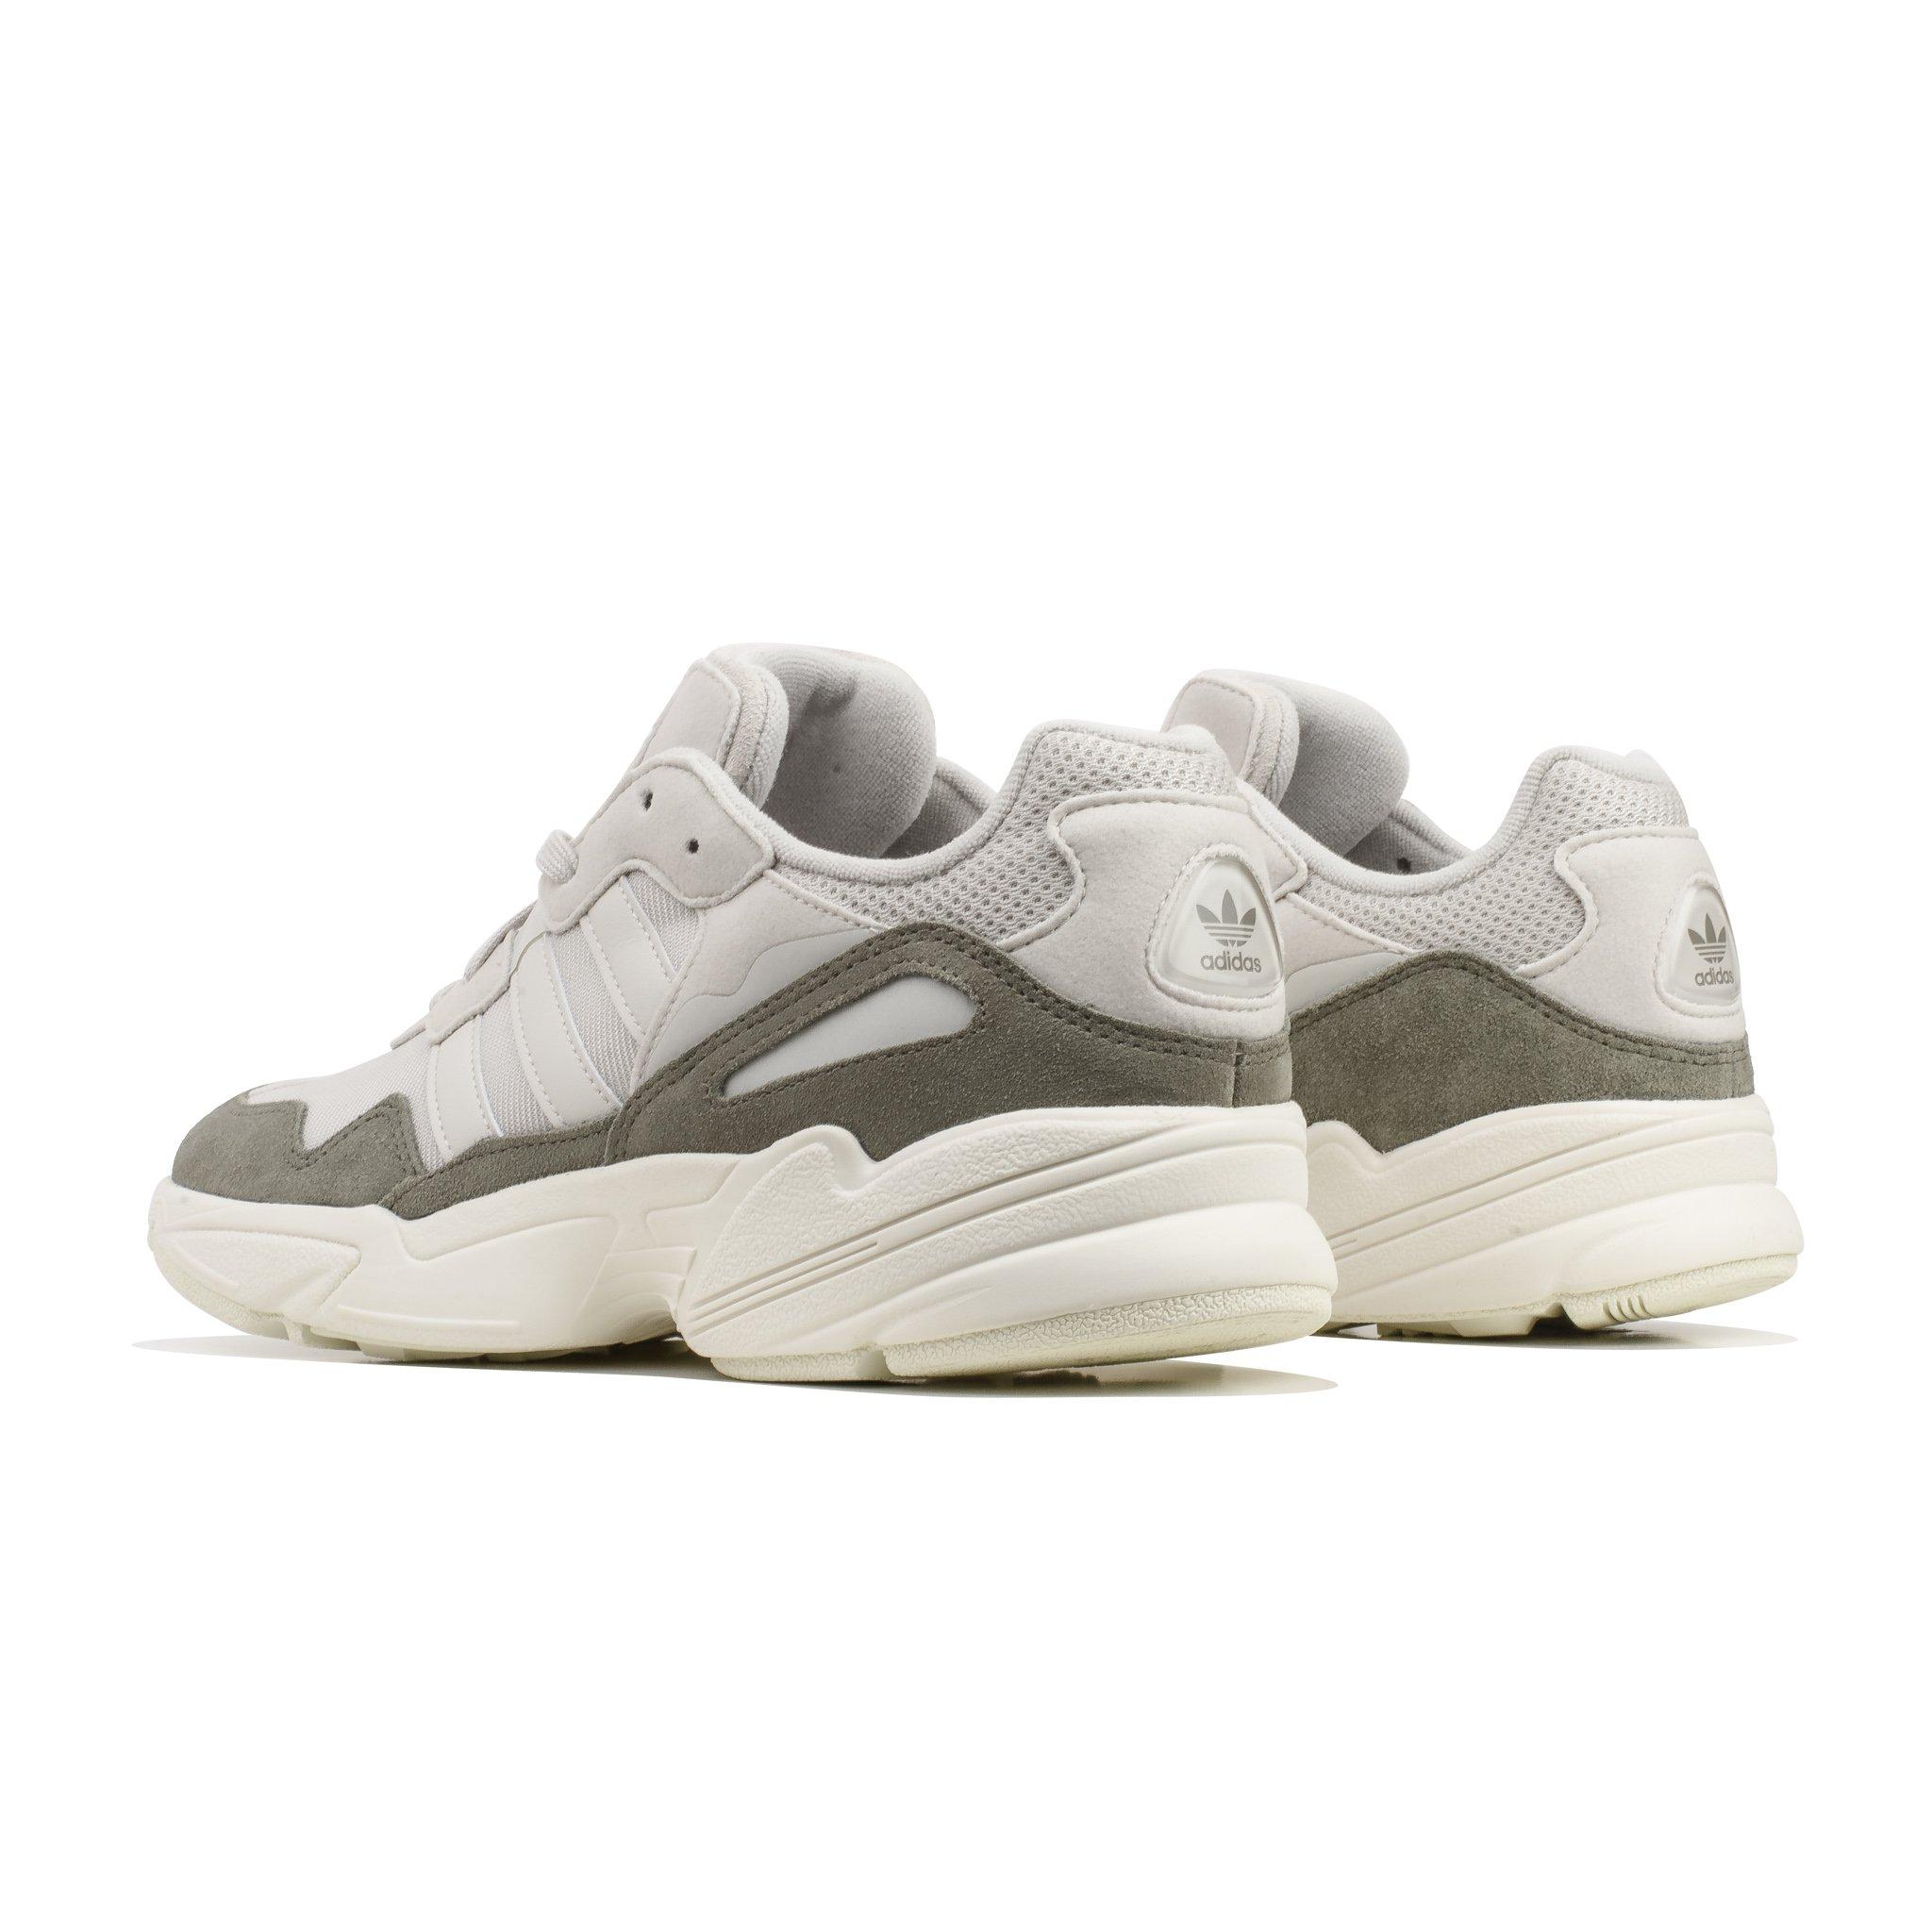 adidas yung-96 barna/ törtfehér